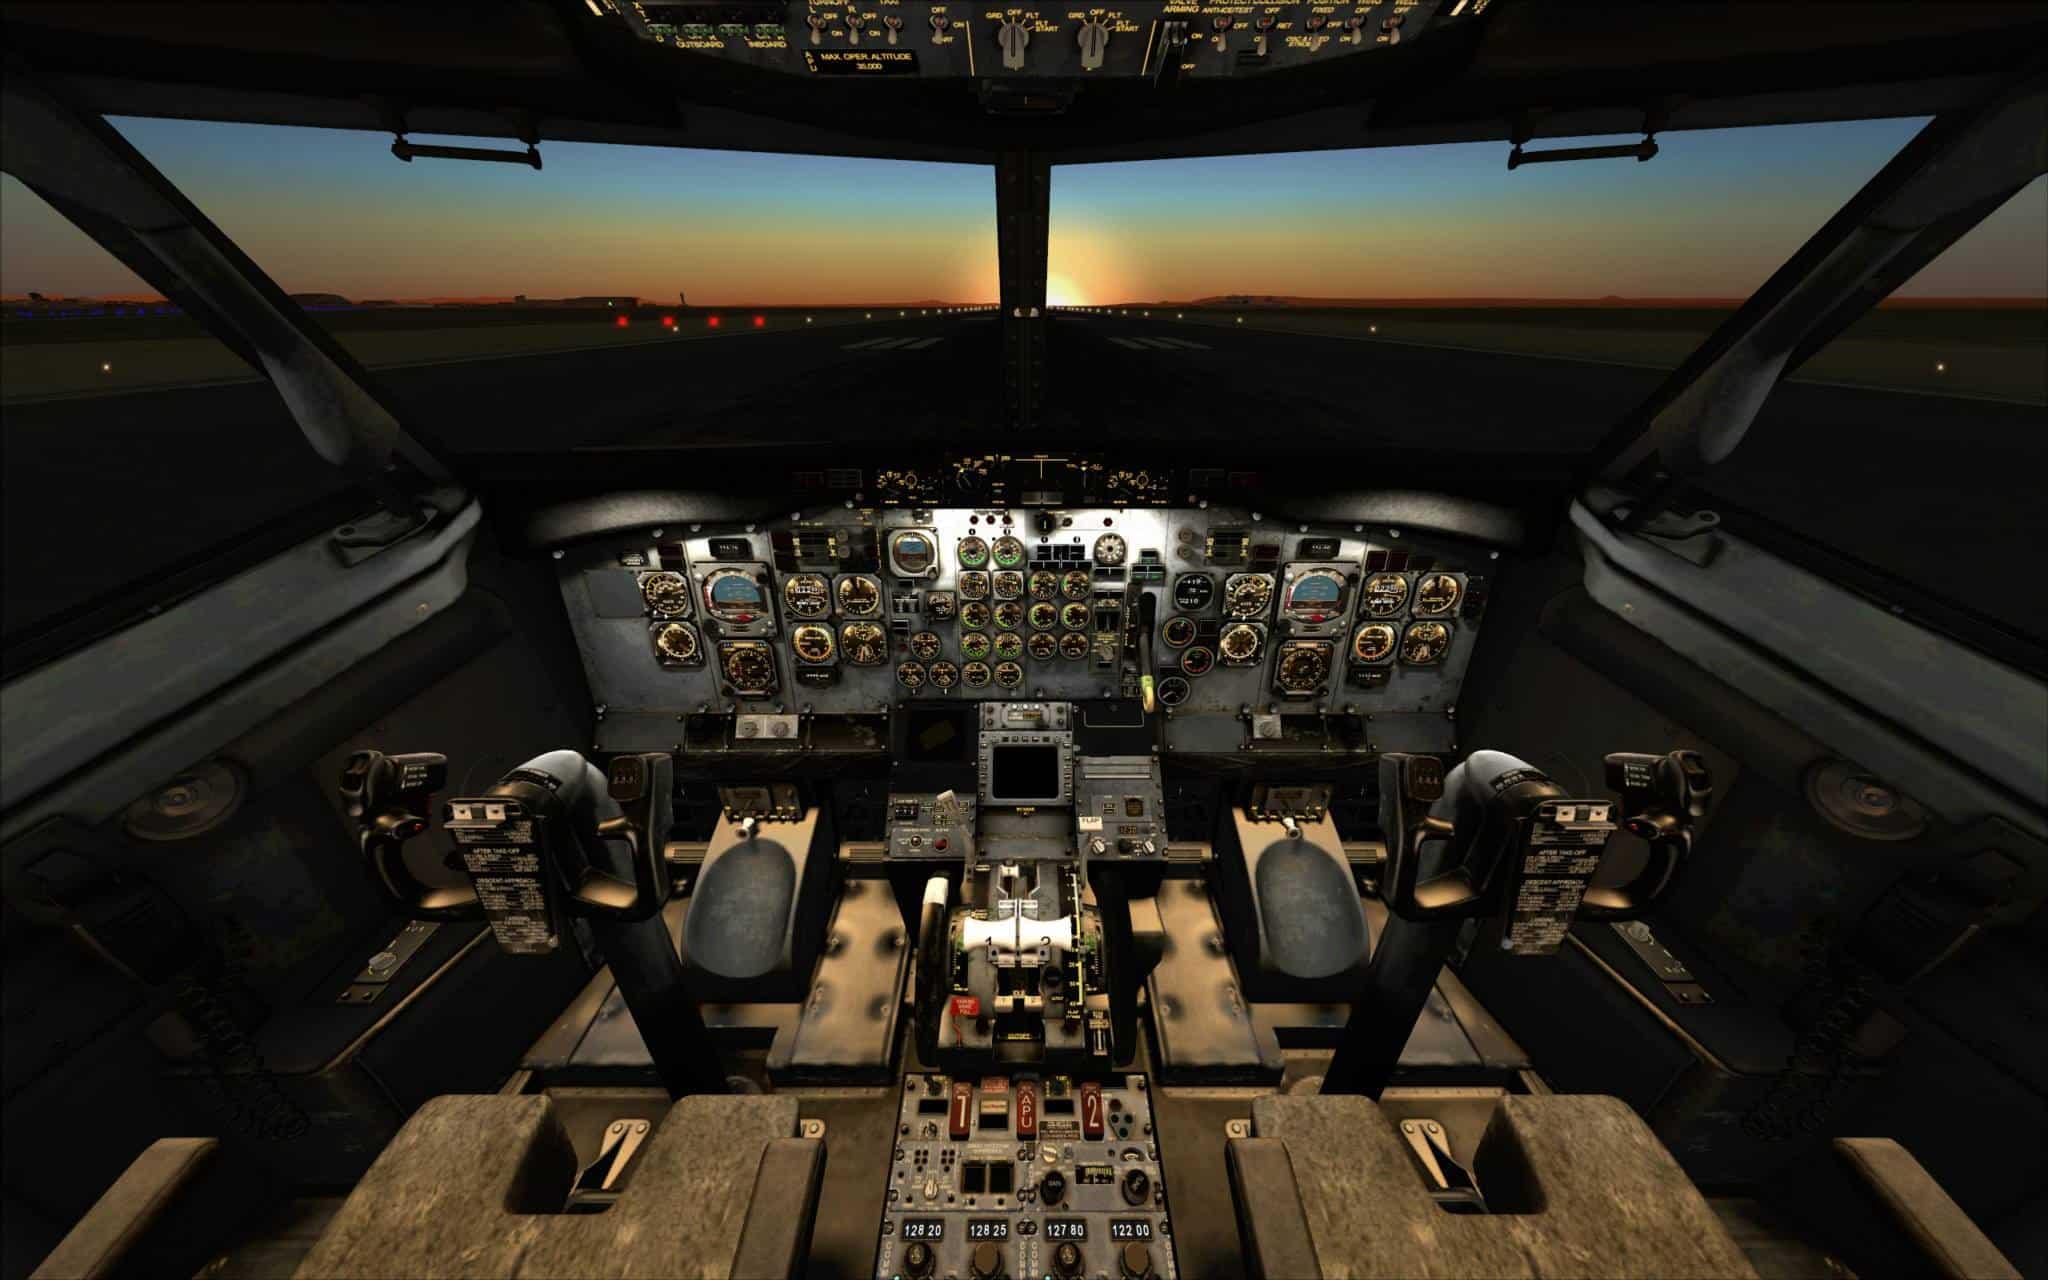 MilViz and the 737-200 news